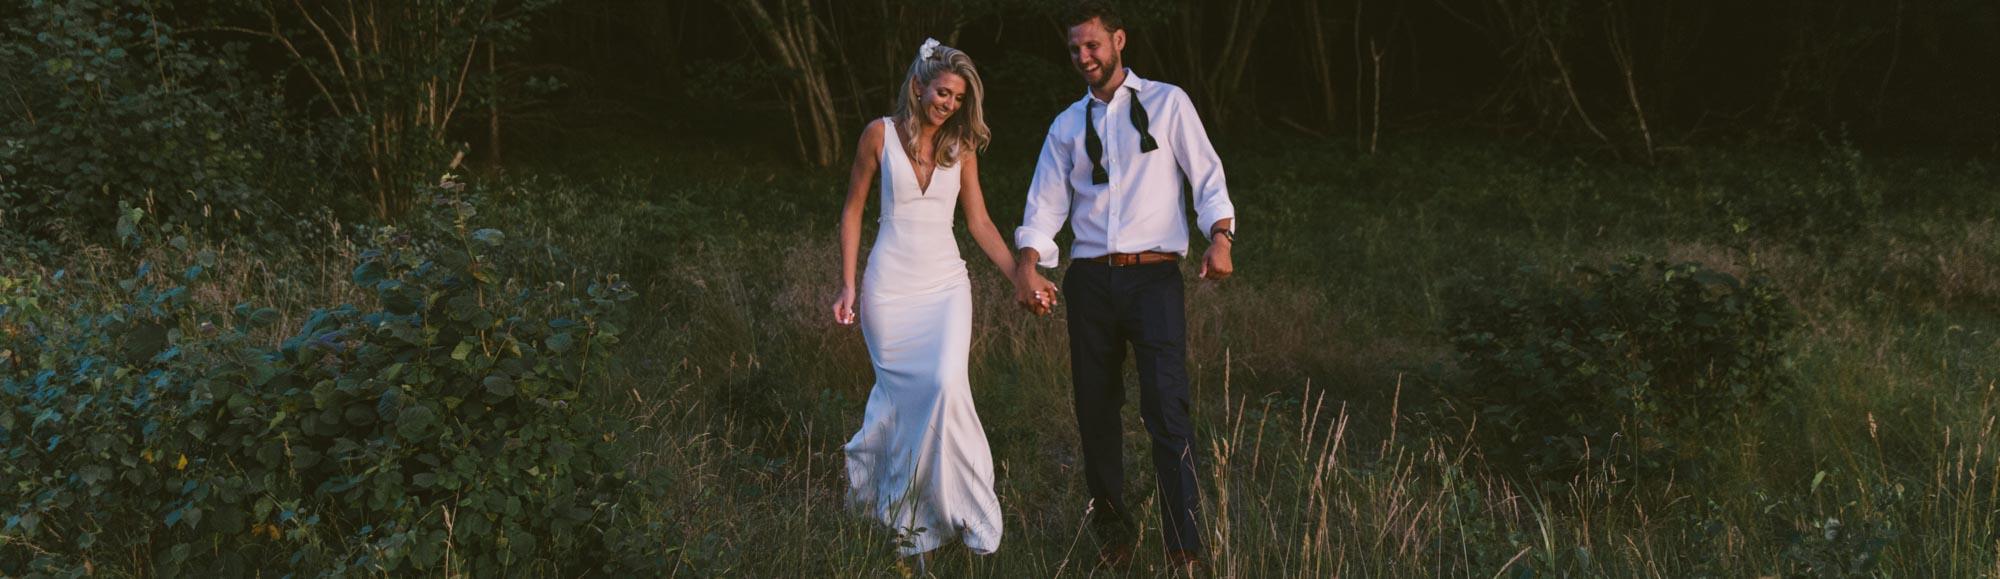 Gemma & Mikael